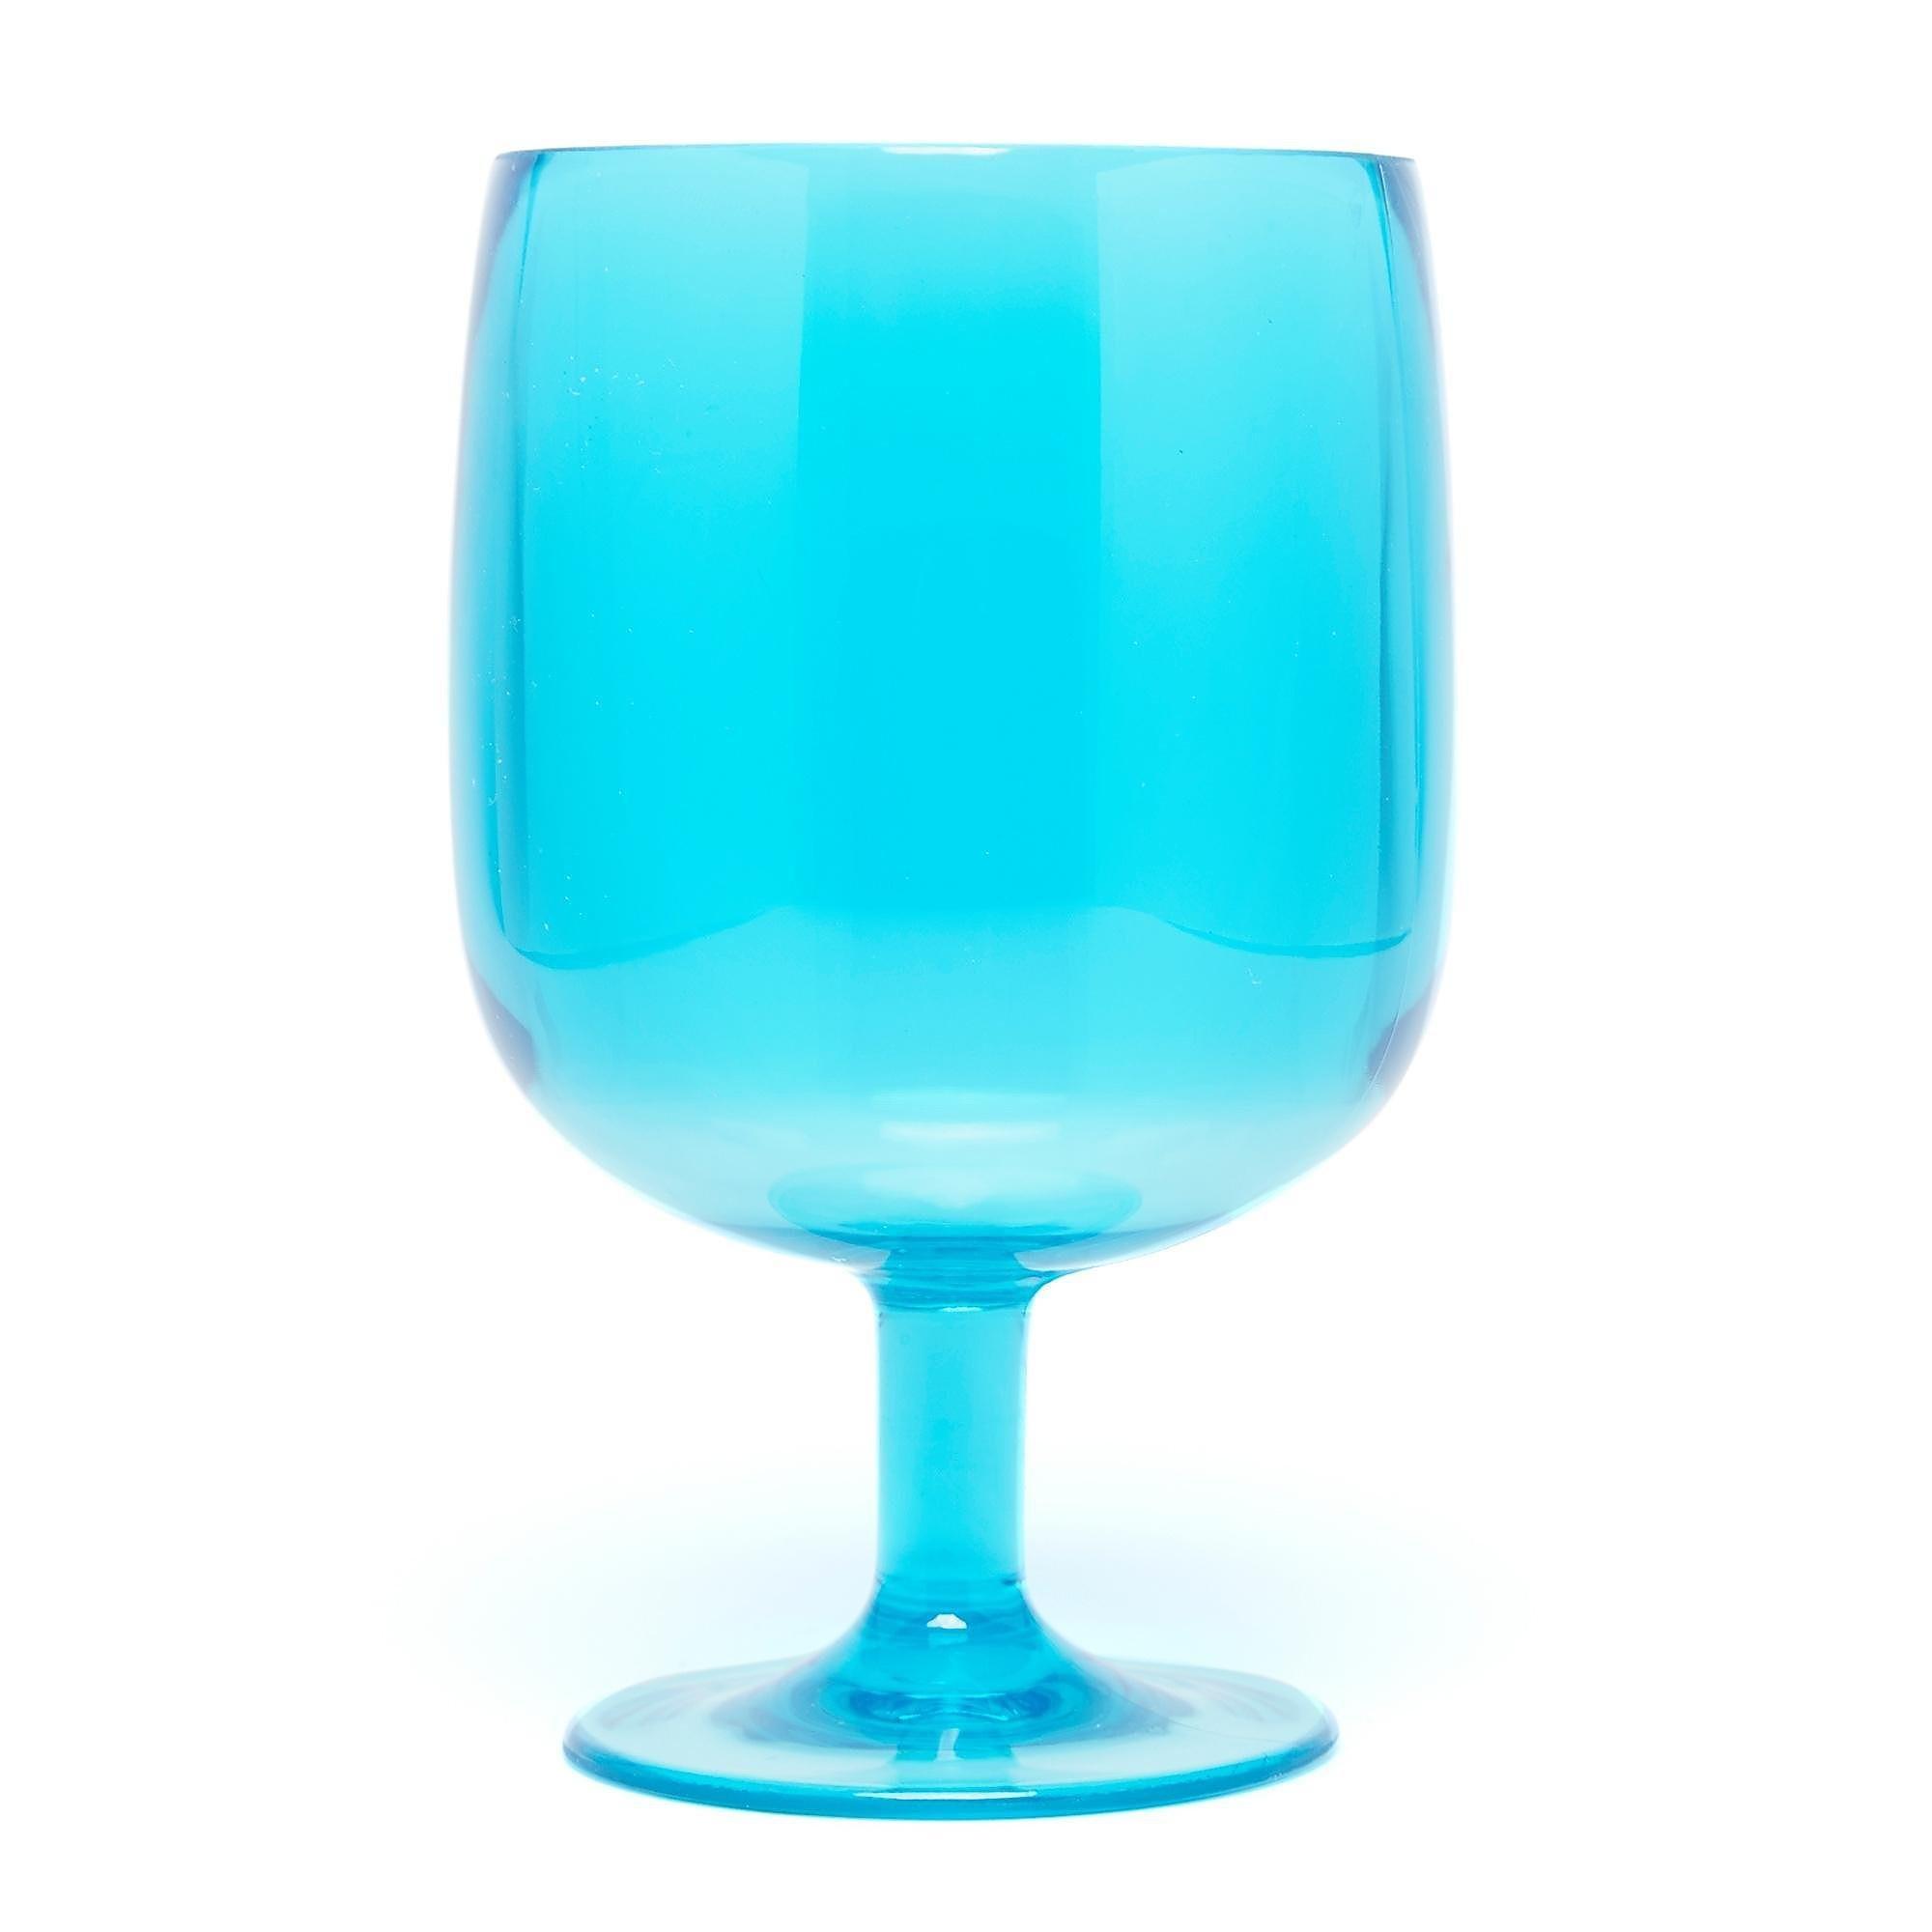 EUROHIKE Wine Glasses 4 Pack